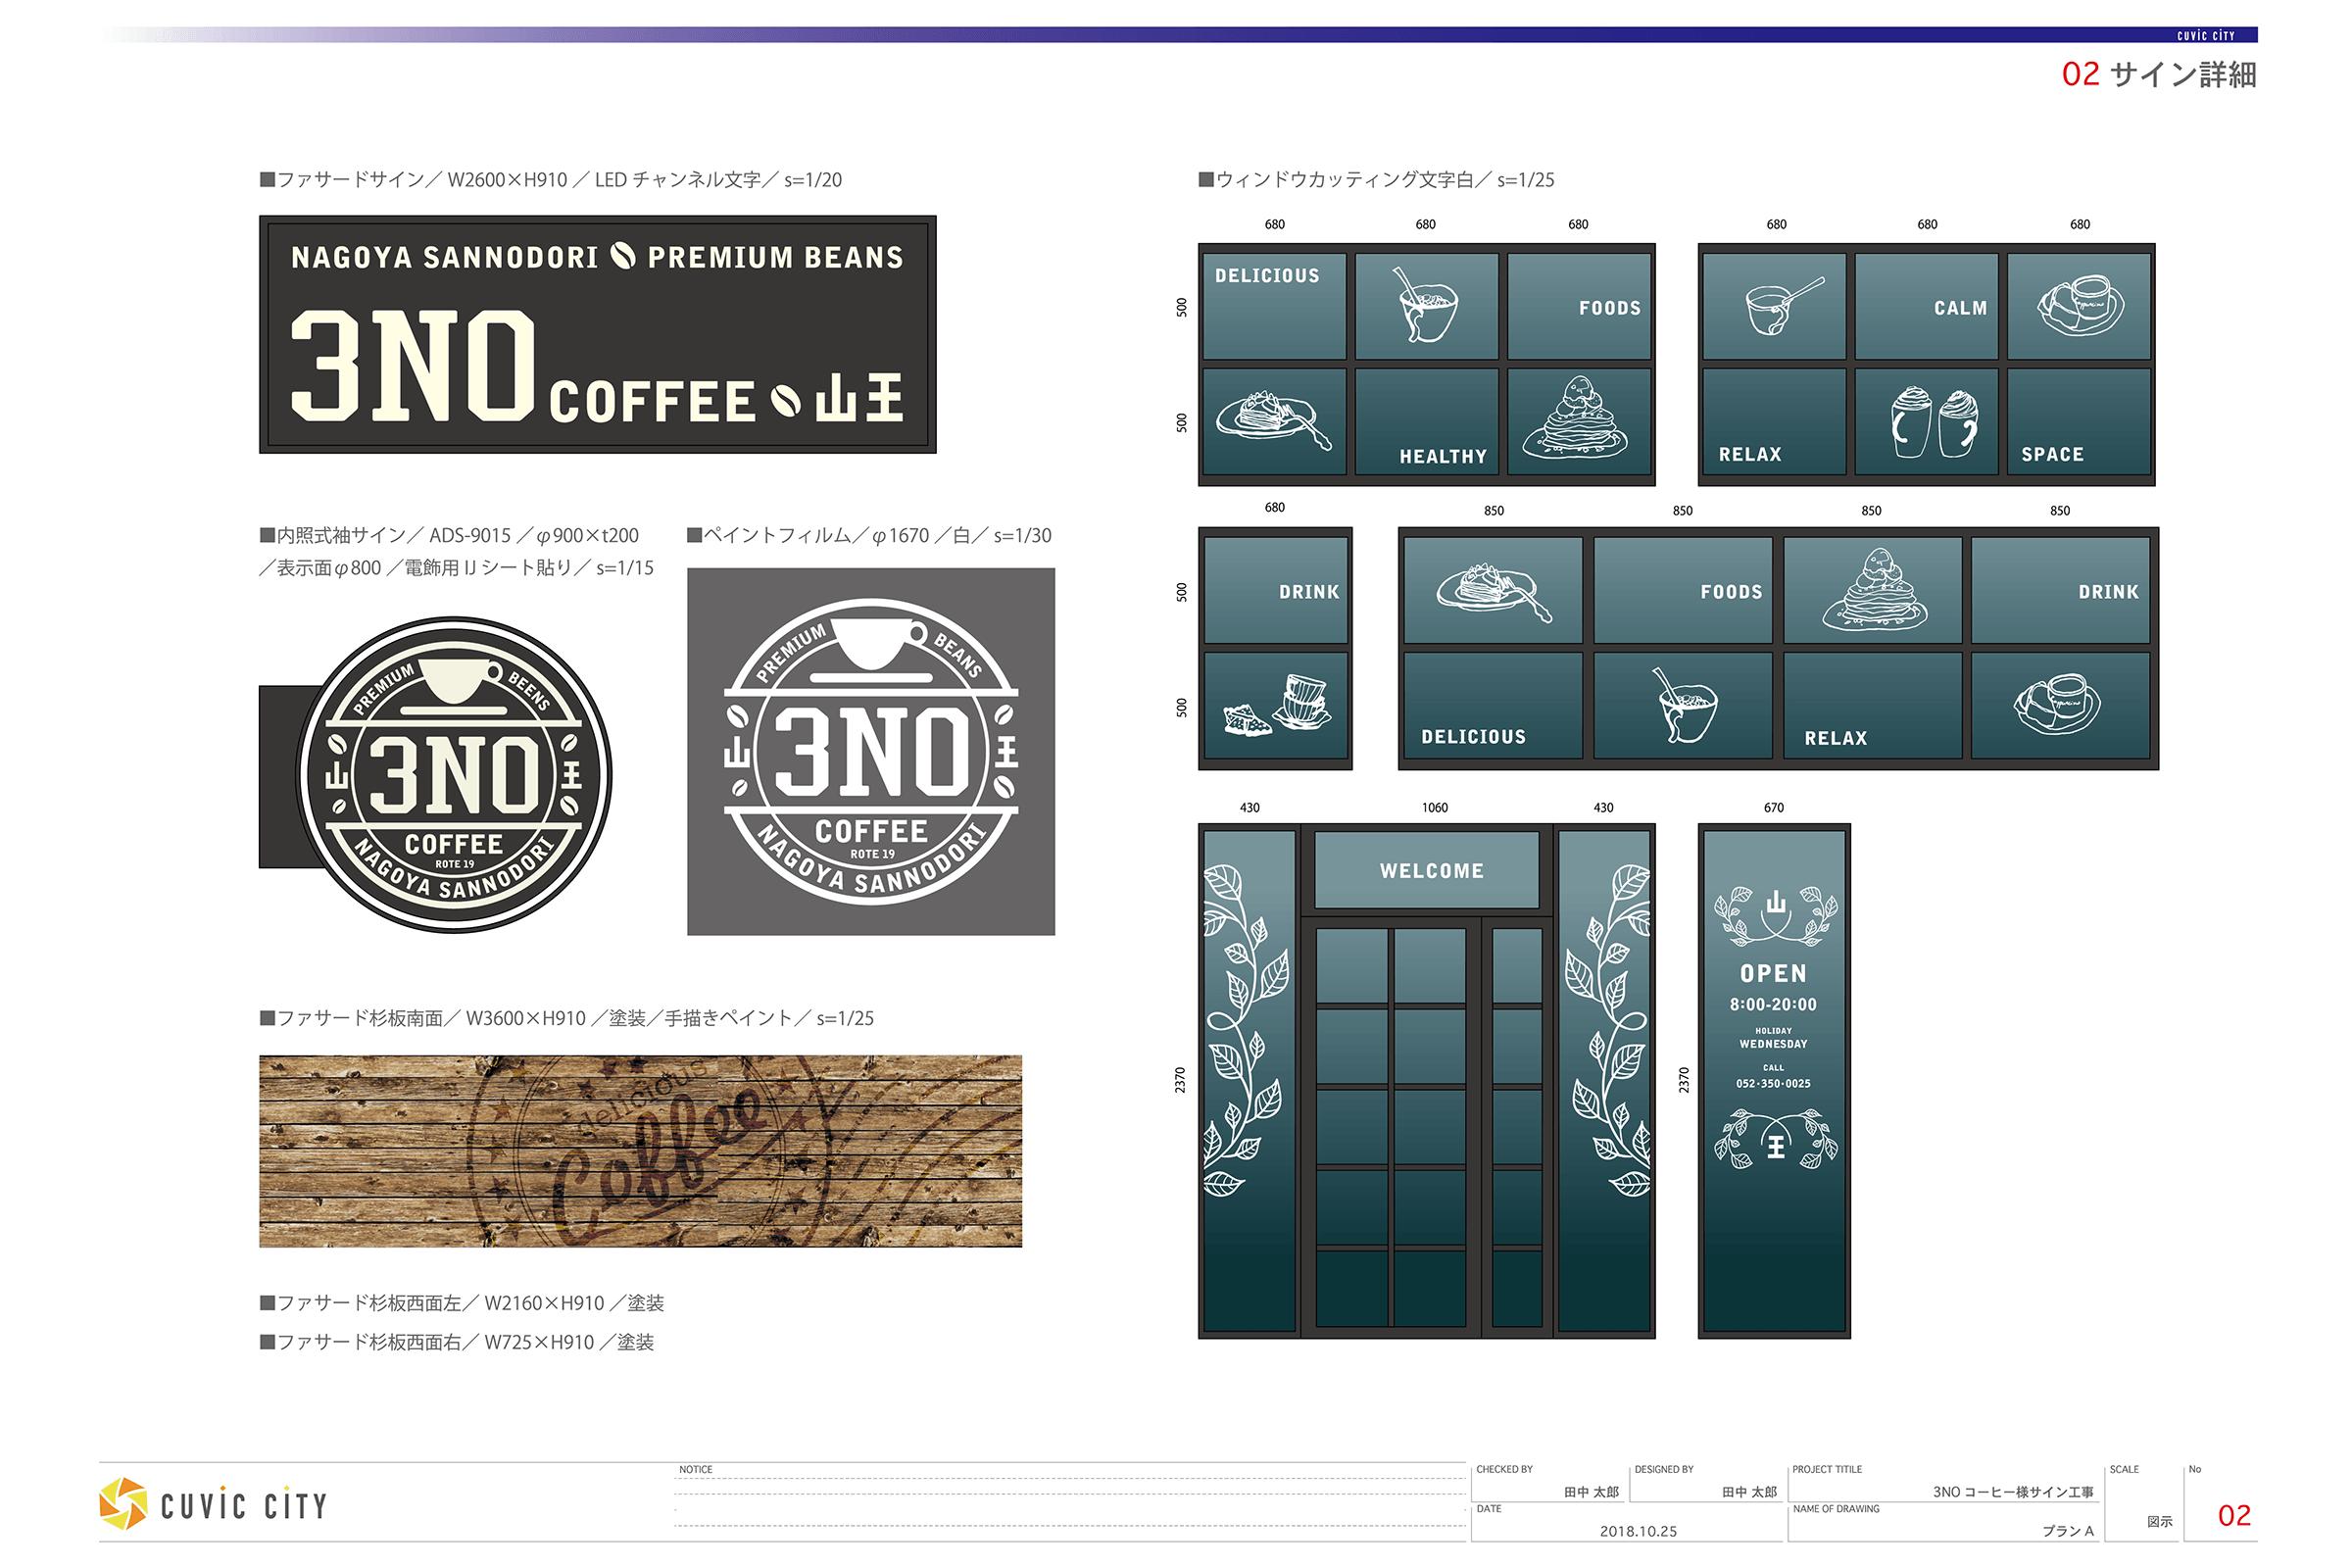 カフェの外観看板の意匠図1